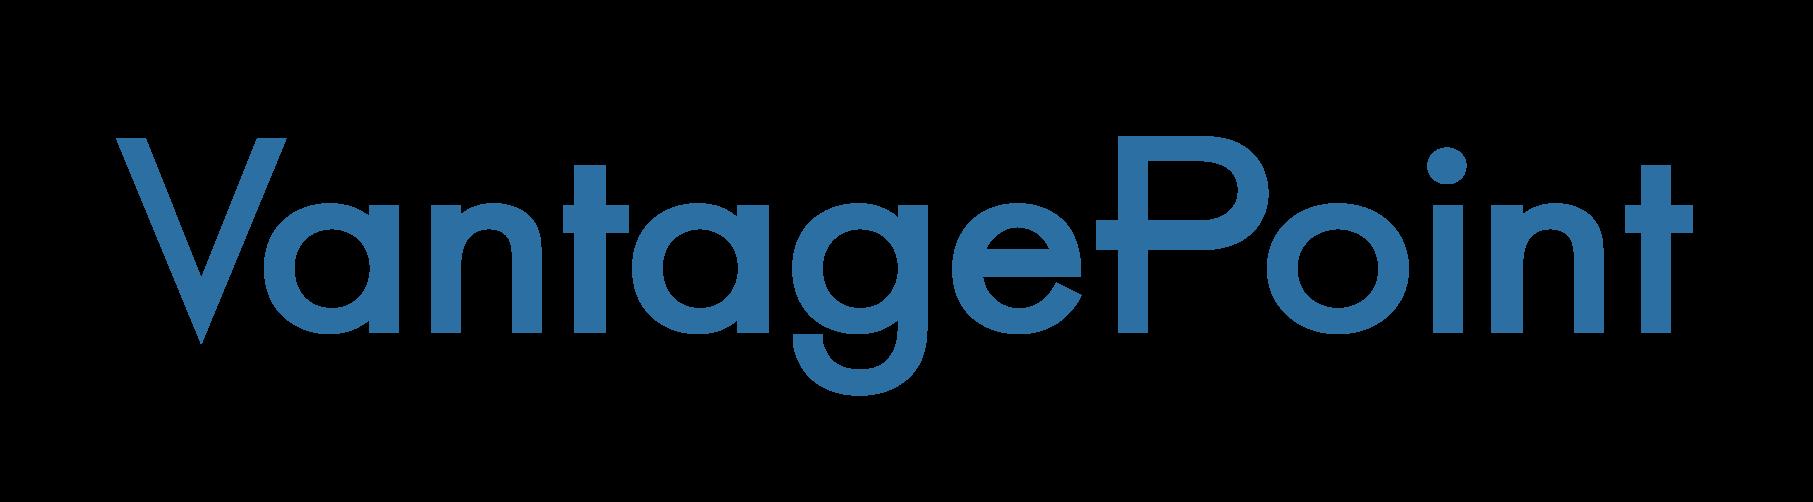 Vantagepoint AI, LLC